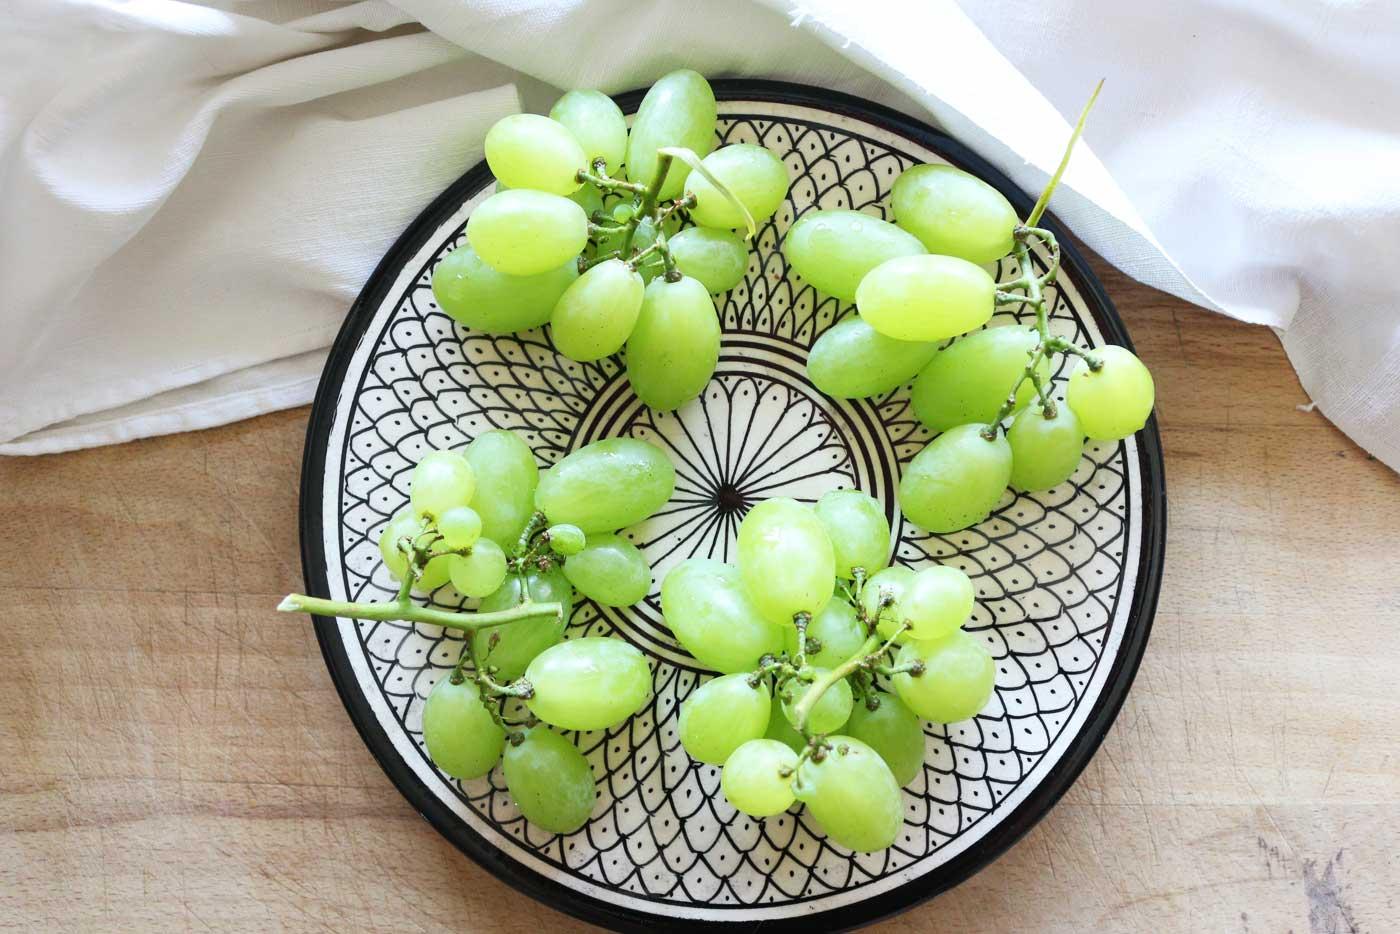 Uva-come-si-mangia